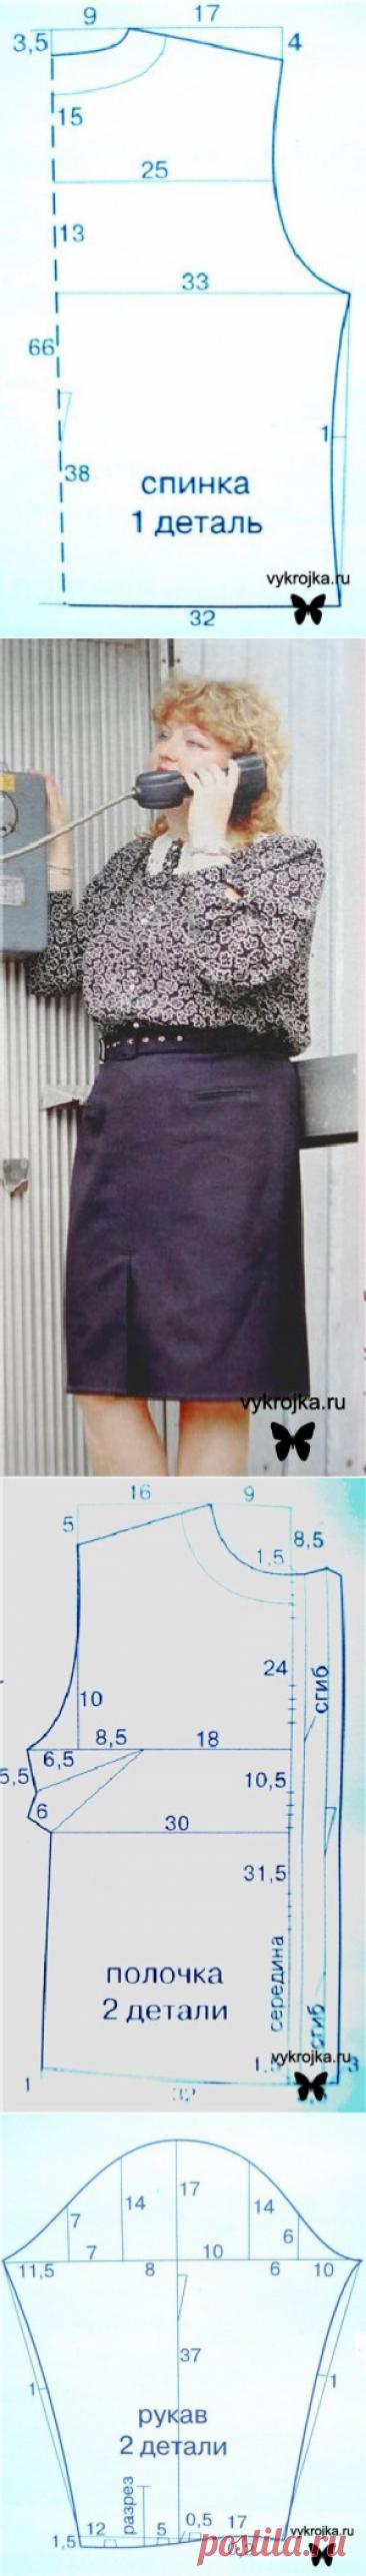 Выкройка блузки большого размера 164-108-160  ( расход ткани 2,5 при шир.1,м ,